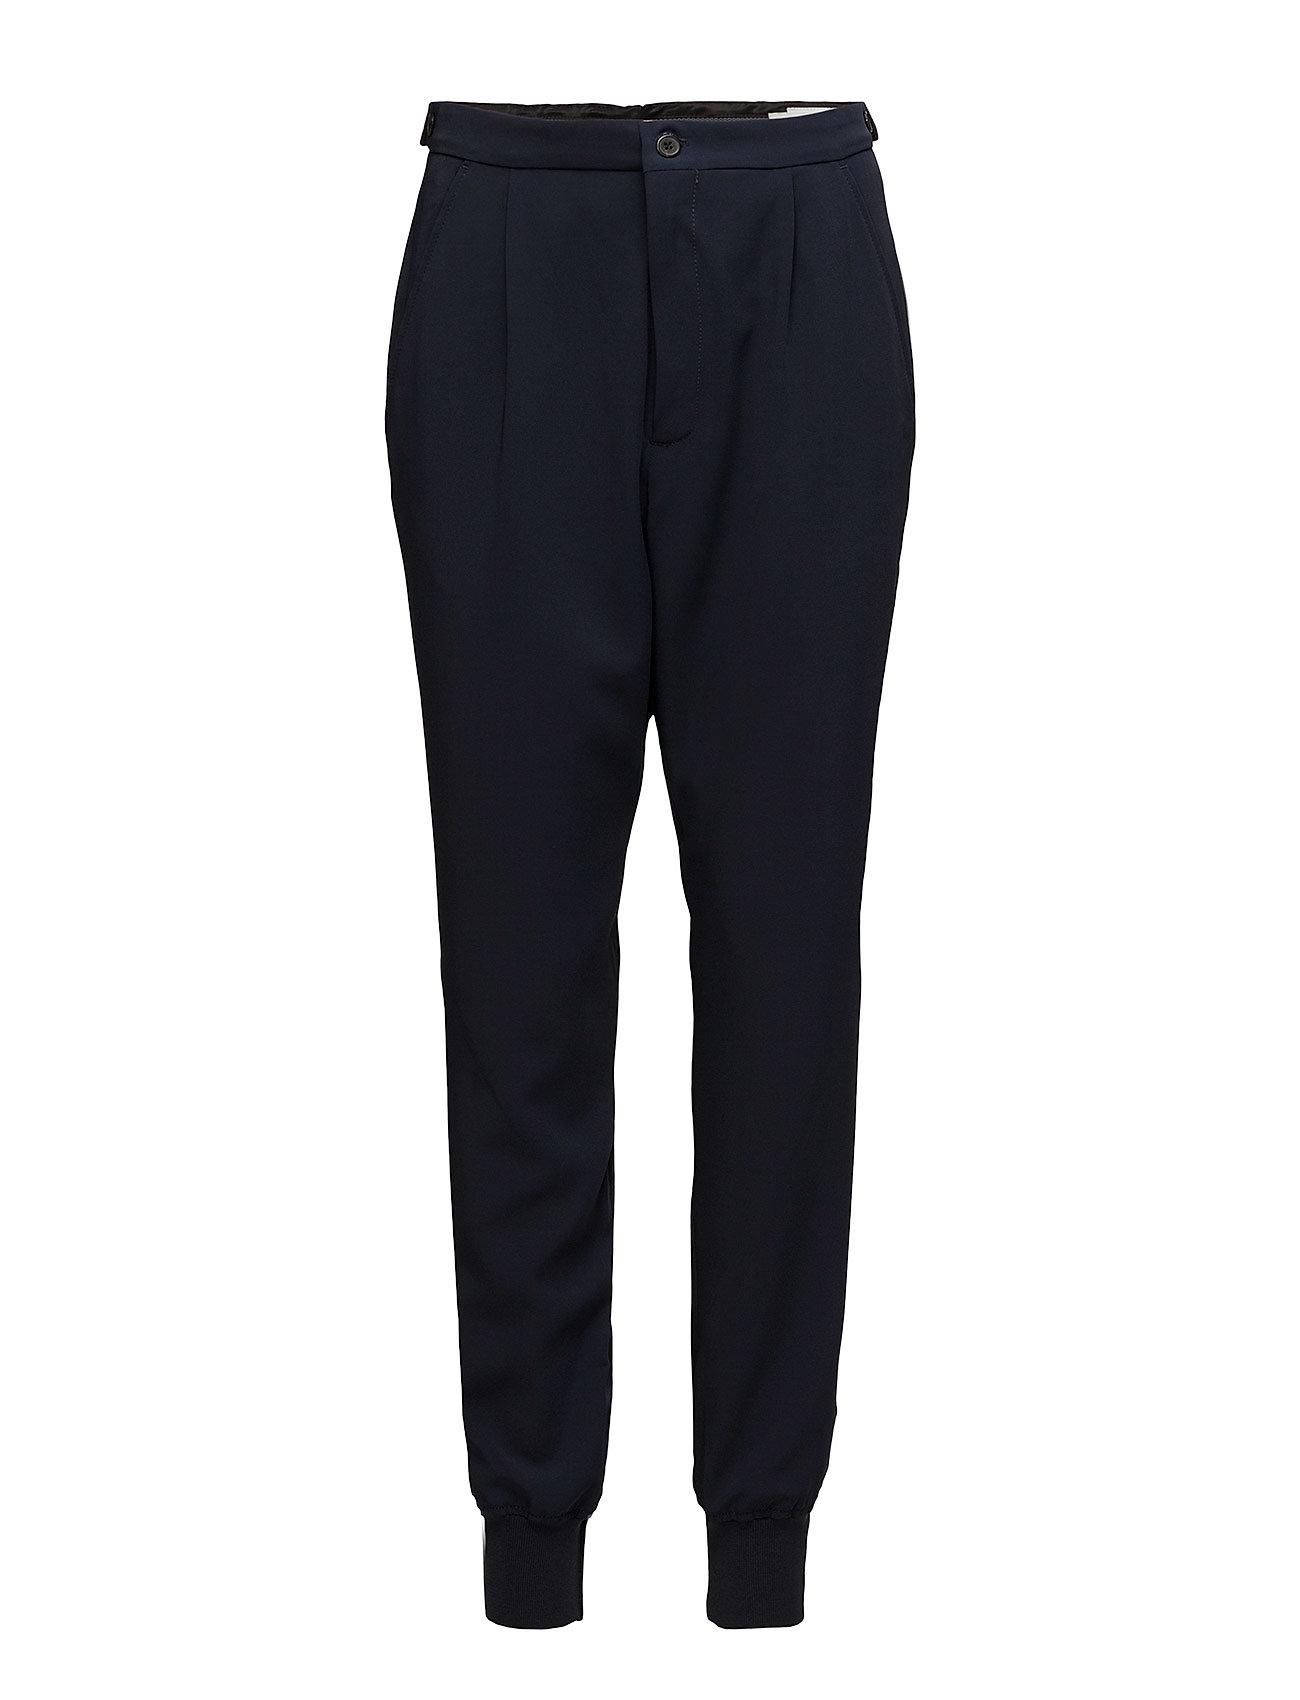 Hope Core Cuff Trouser - DK NAVY